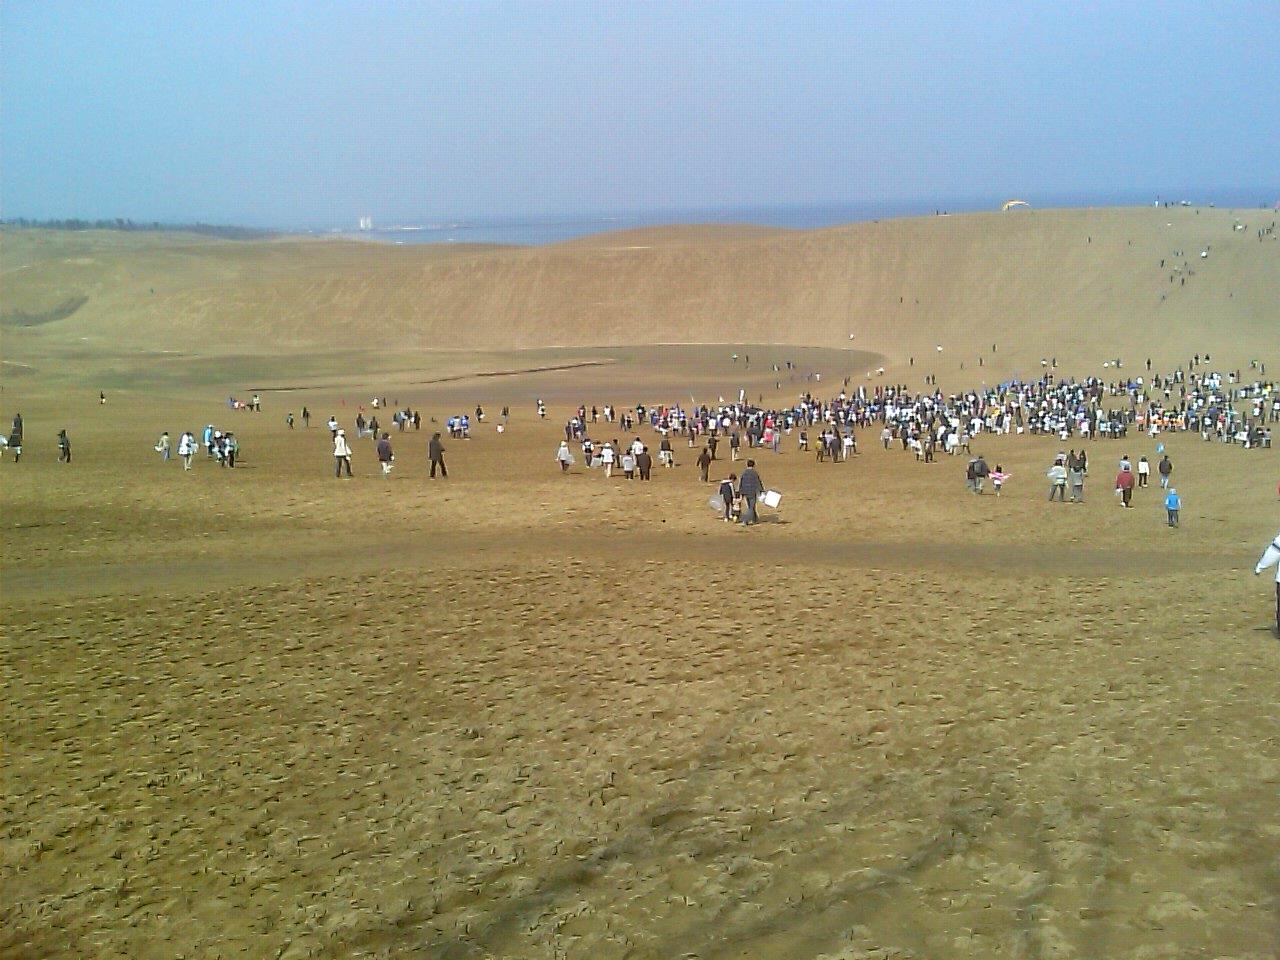 ロータリークラブで参加していました。砂丘を歩くのは疲れました。Totto... 鳥取砂丘